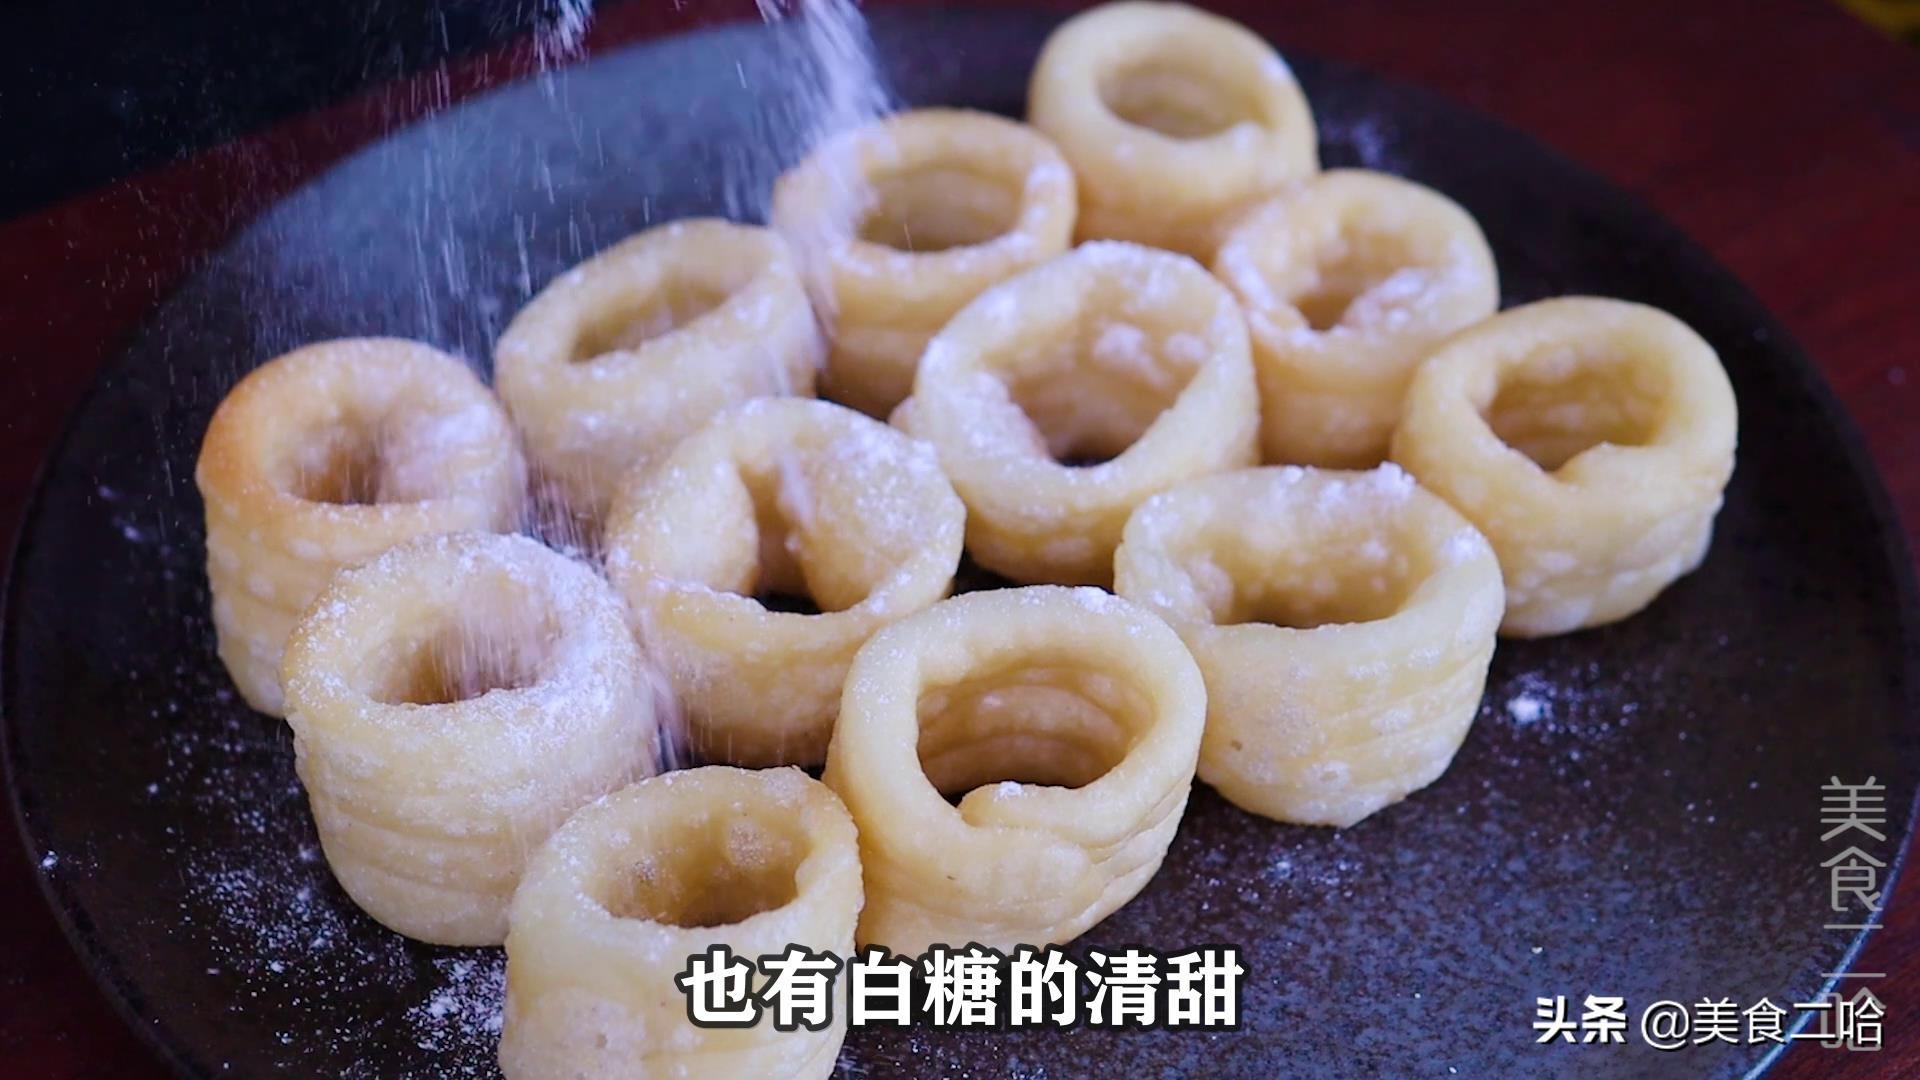 糯米白糖卷:既有糯米的嚼劲,又有白糖的清甜,好吃又过瘾 美食做法 第10张